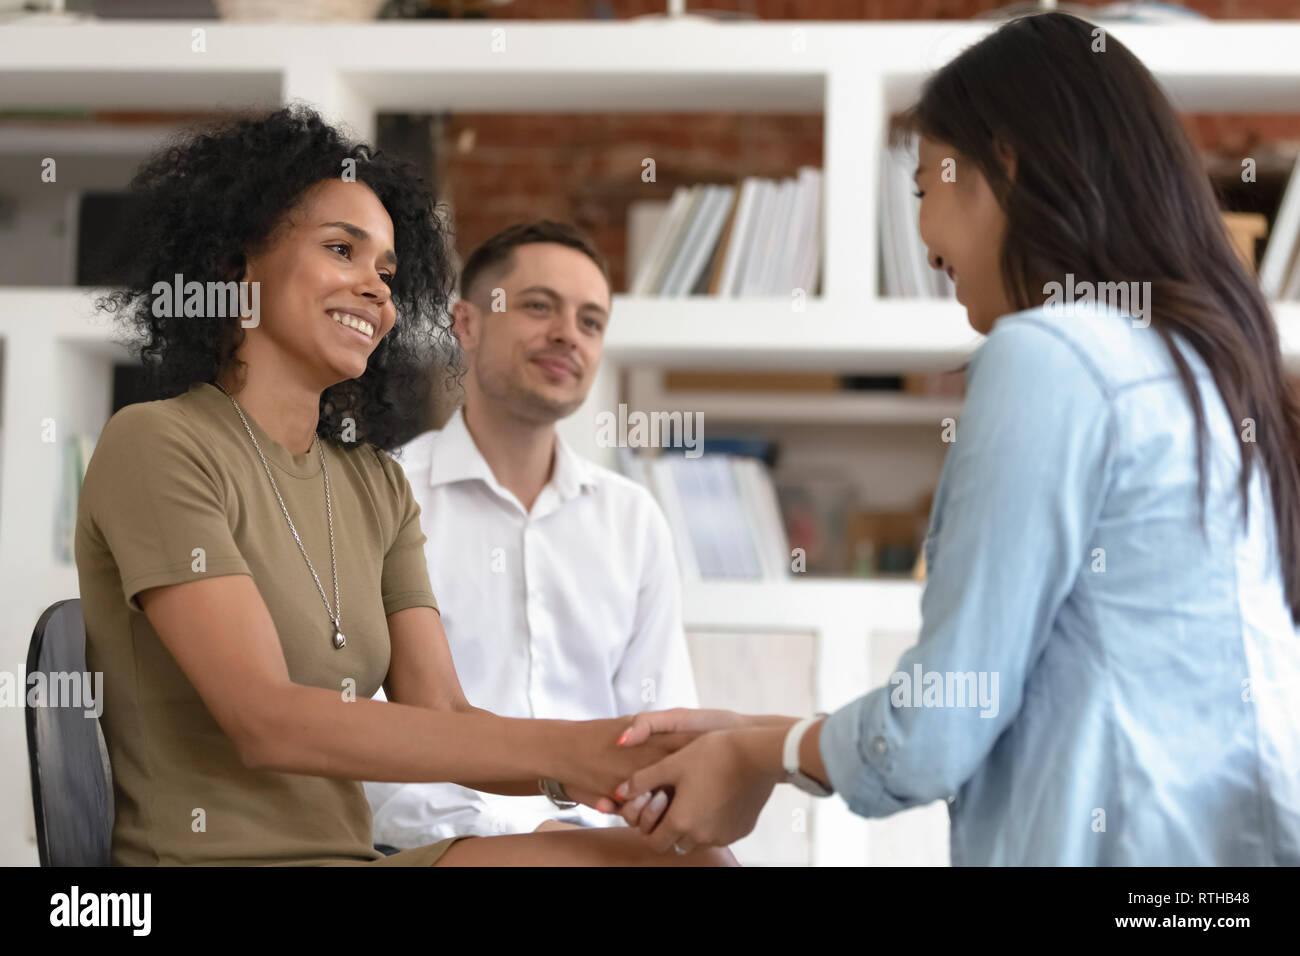 Asiatici e africani le donne tenendo le mani durante la terapia di gruppo a sessione Immagini Stock